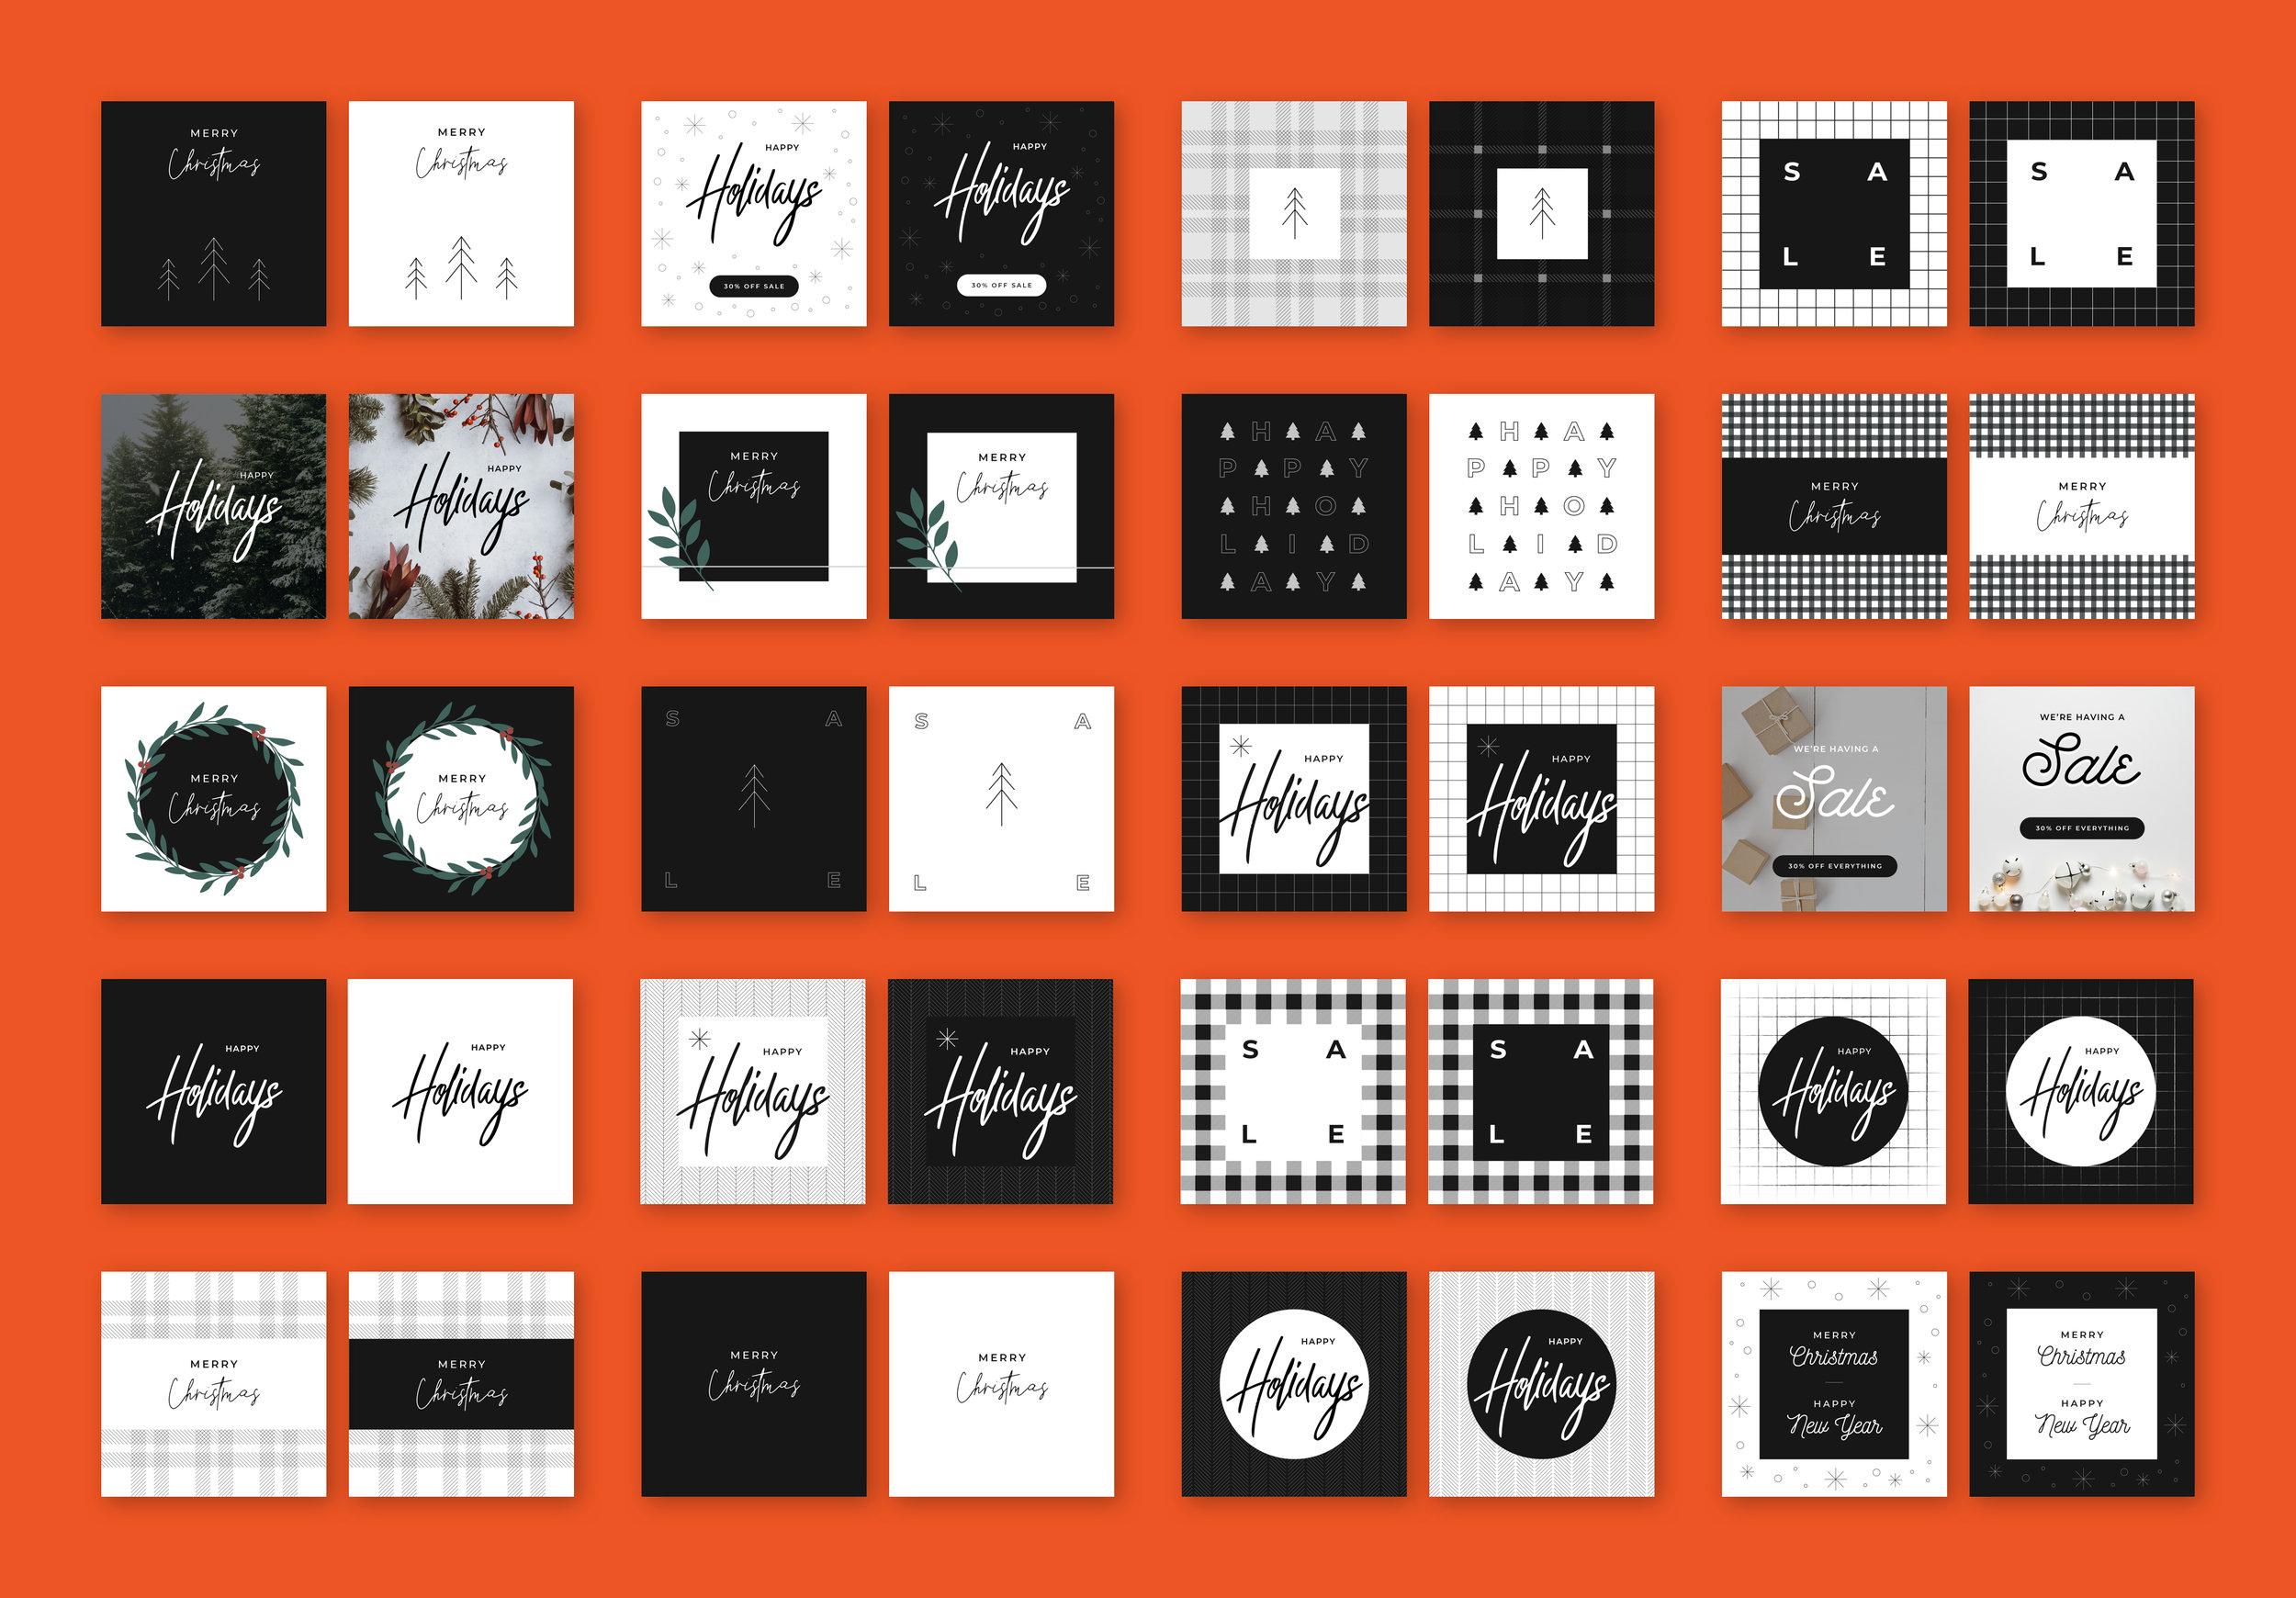 Huxley-Holiday-Bundle-All.jpg